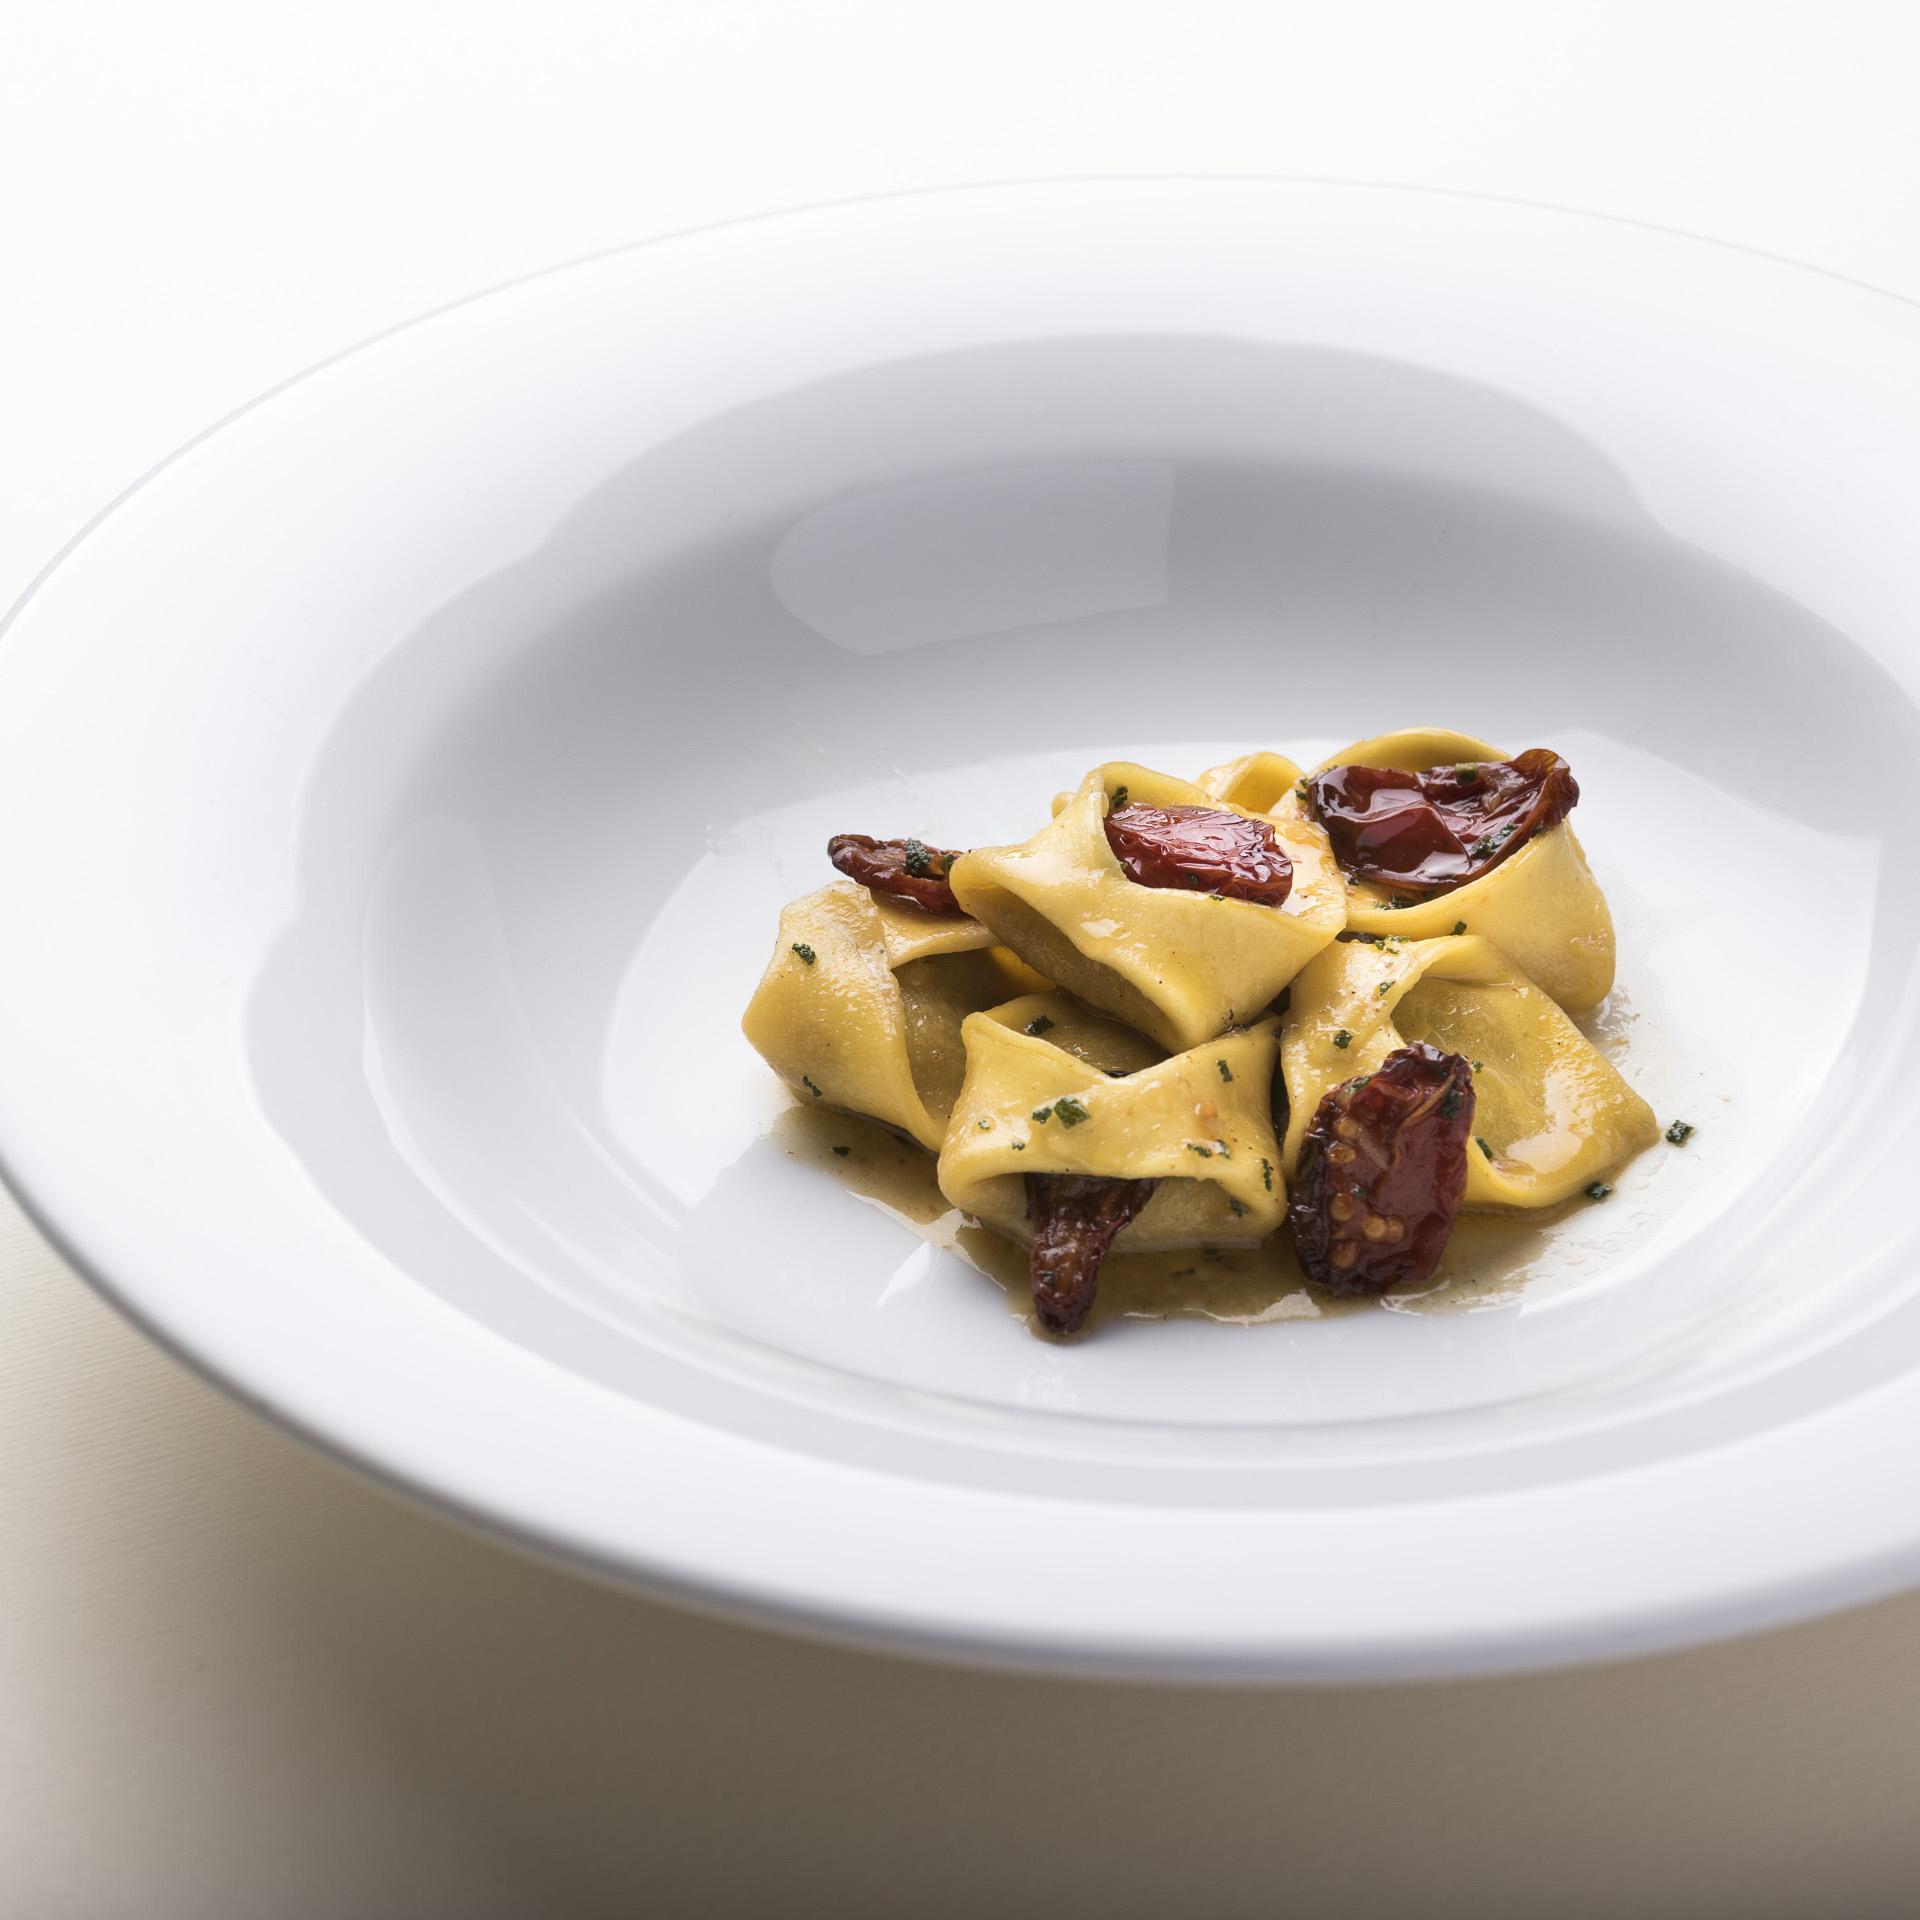 ristorante_massenzio_ravioli_oca_ristorante_massenzio_paccchero_spigola__DSC9083_sito